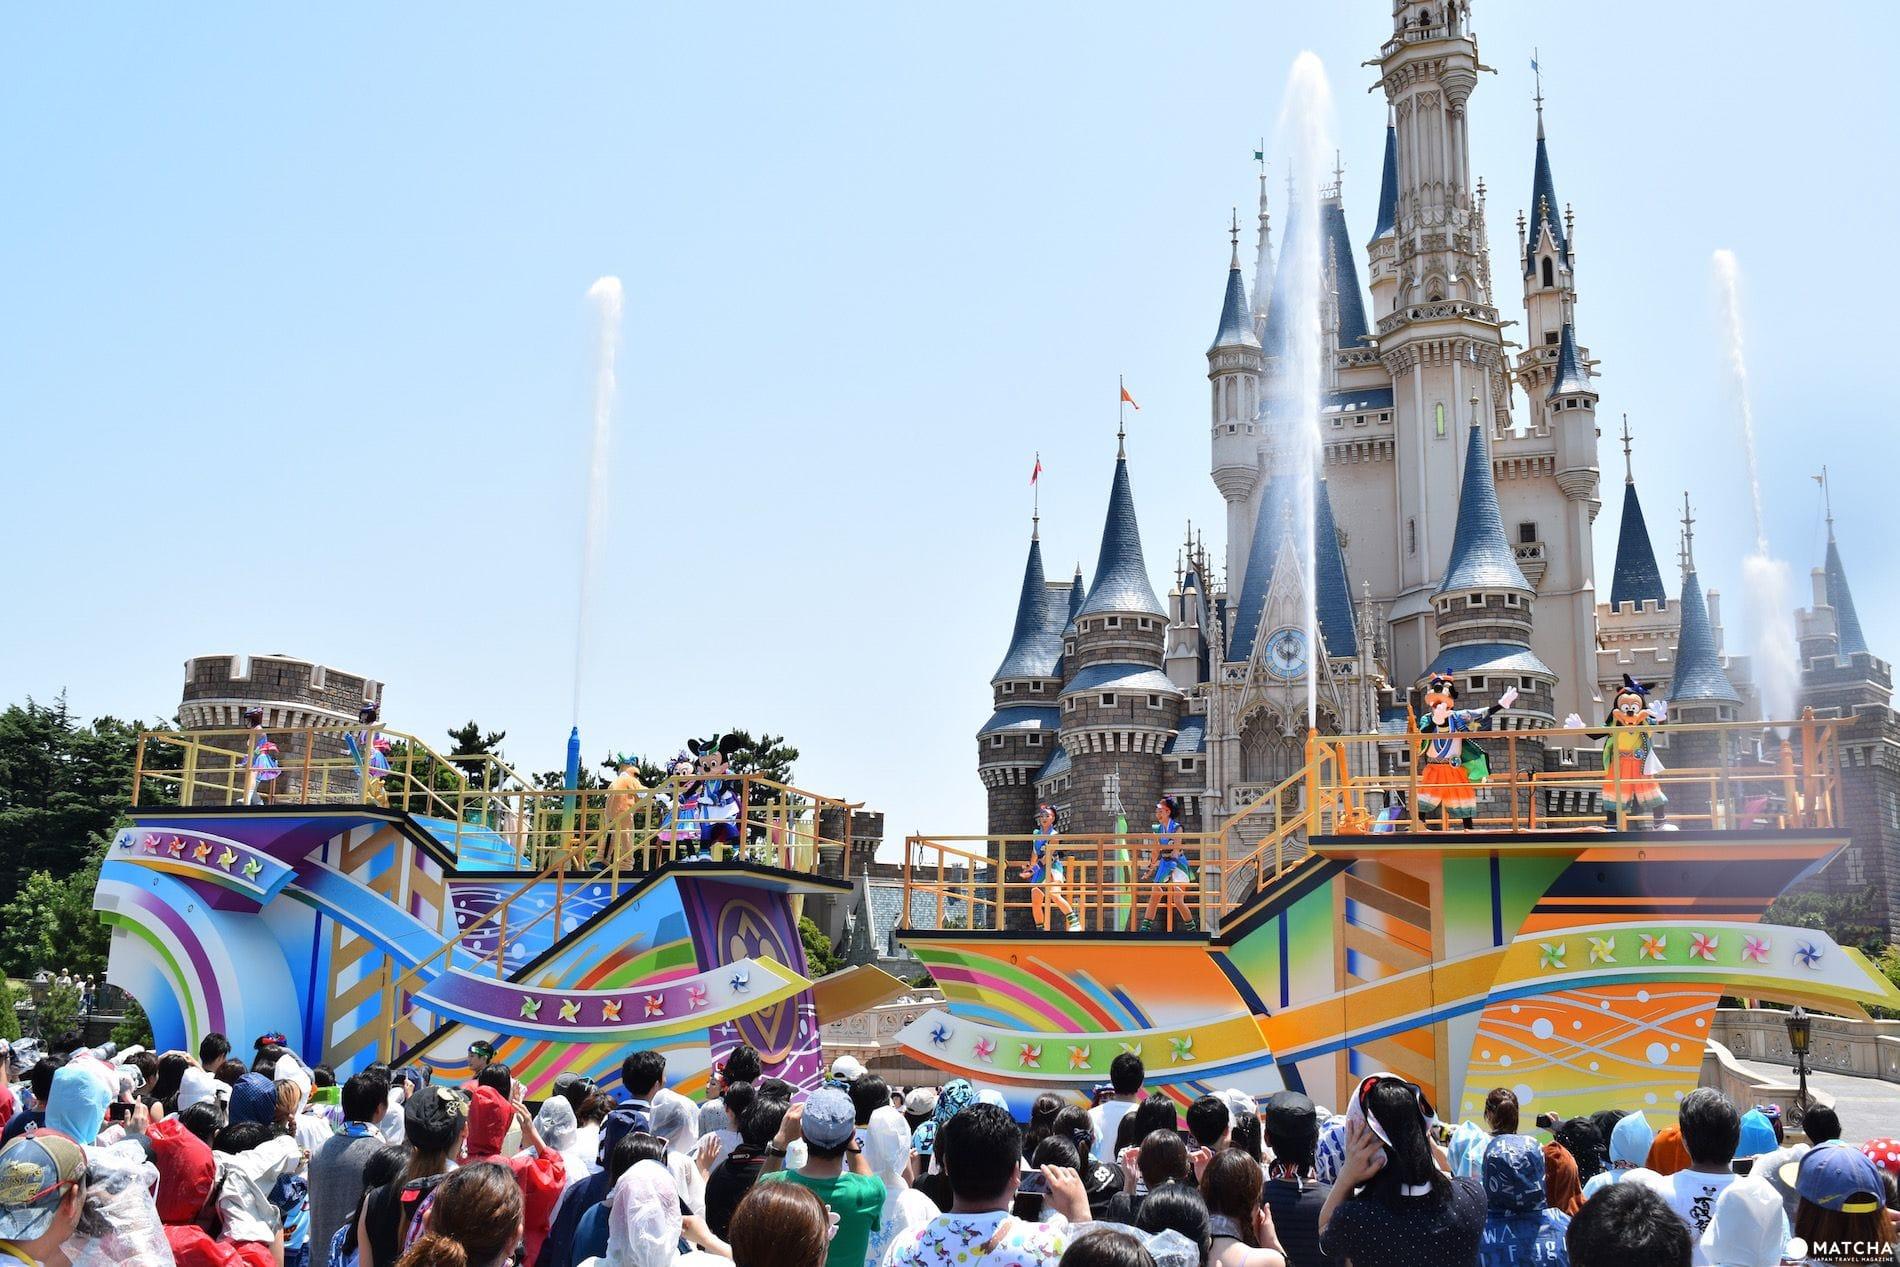 日本の夏祭りを体験!「ディズニー夏祭り 2017」の見どころ - part 2